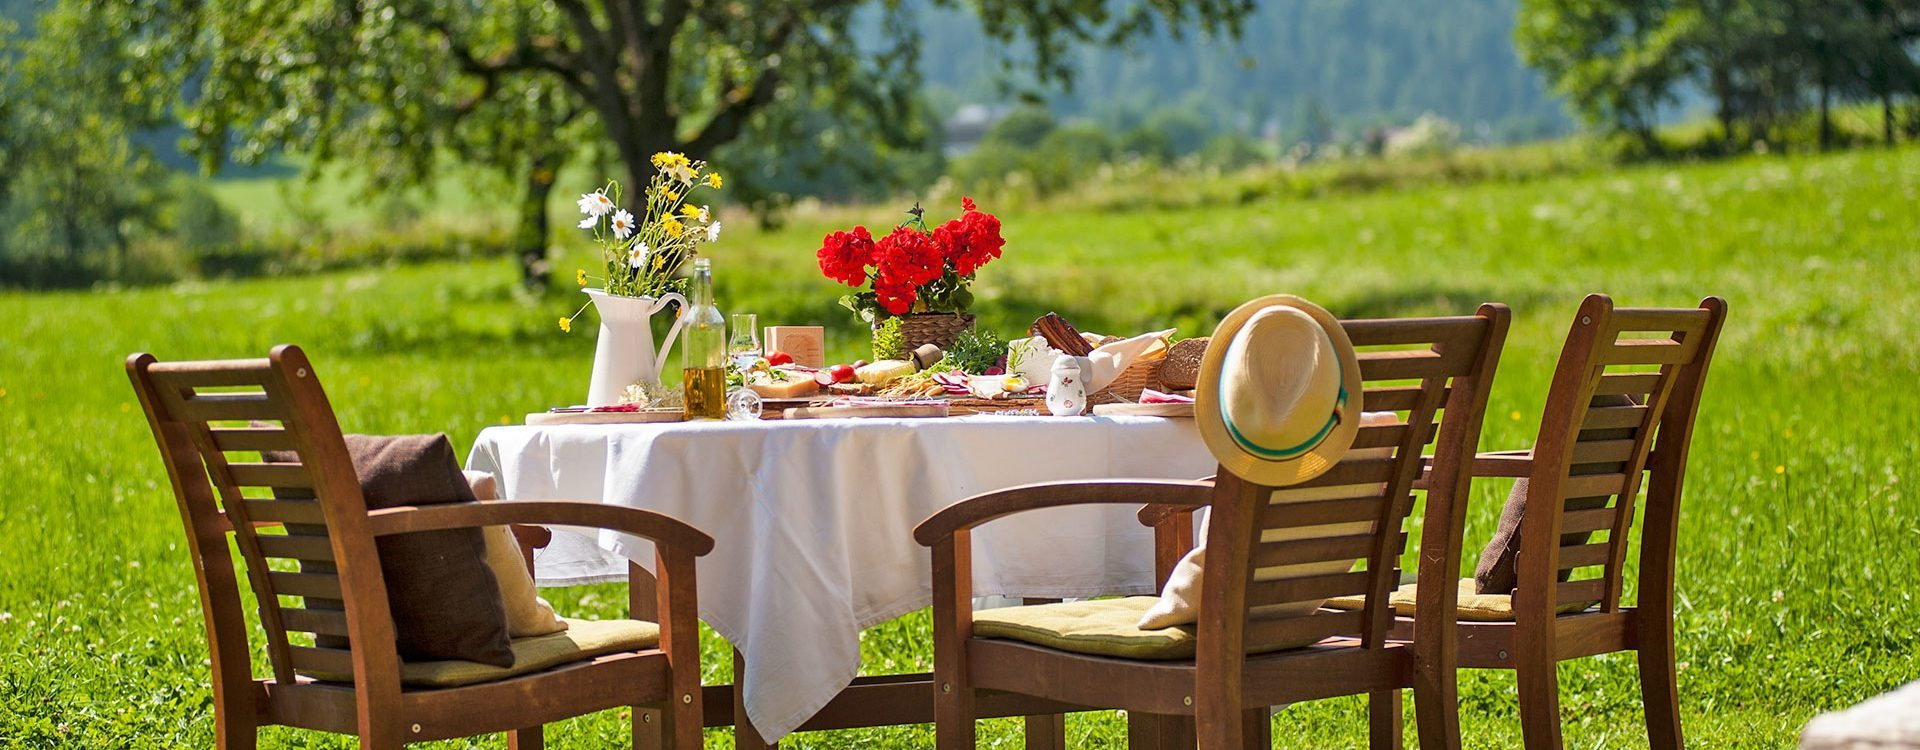 Beitragsbild Impressum – Urlaub auf dem Bauernhof Hacklbauer in Altenmarkt, Salzburger Land